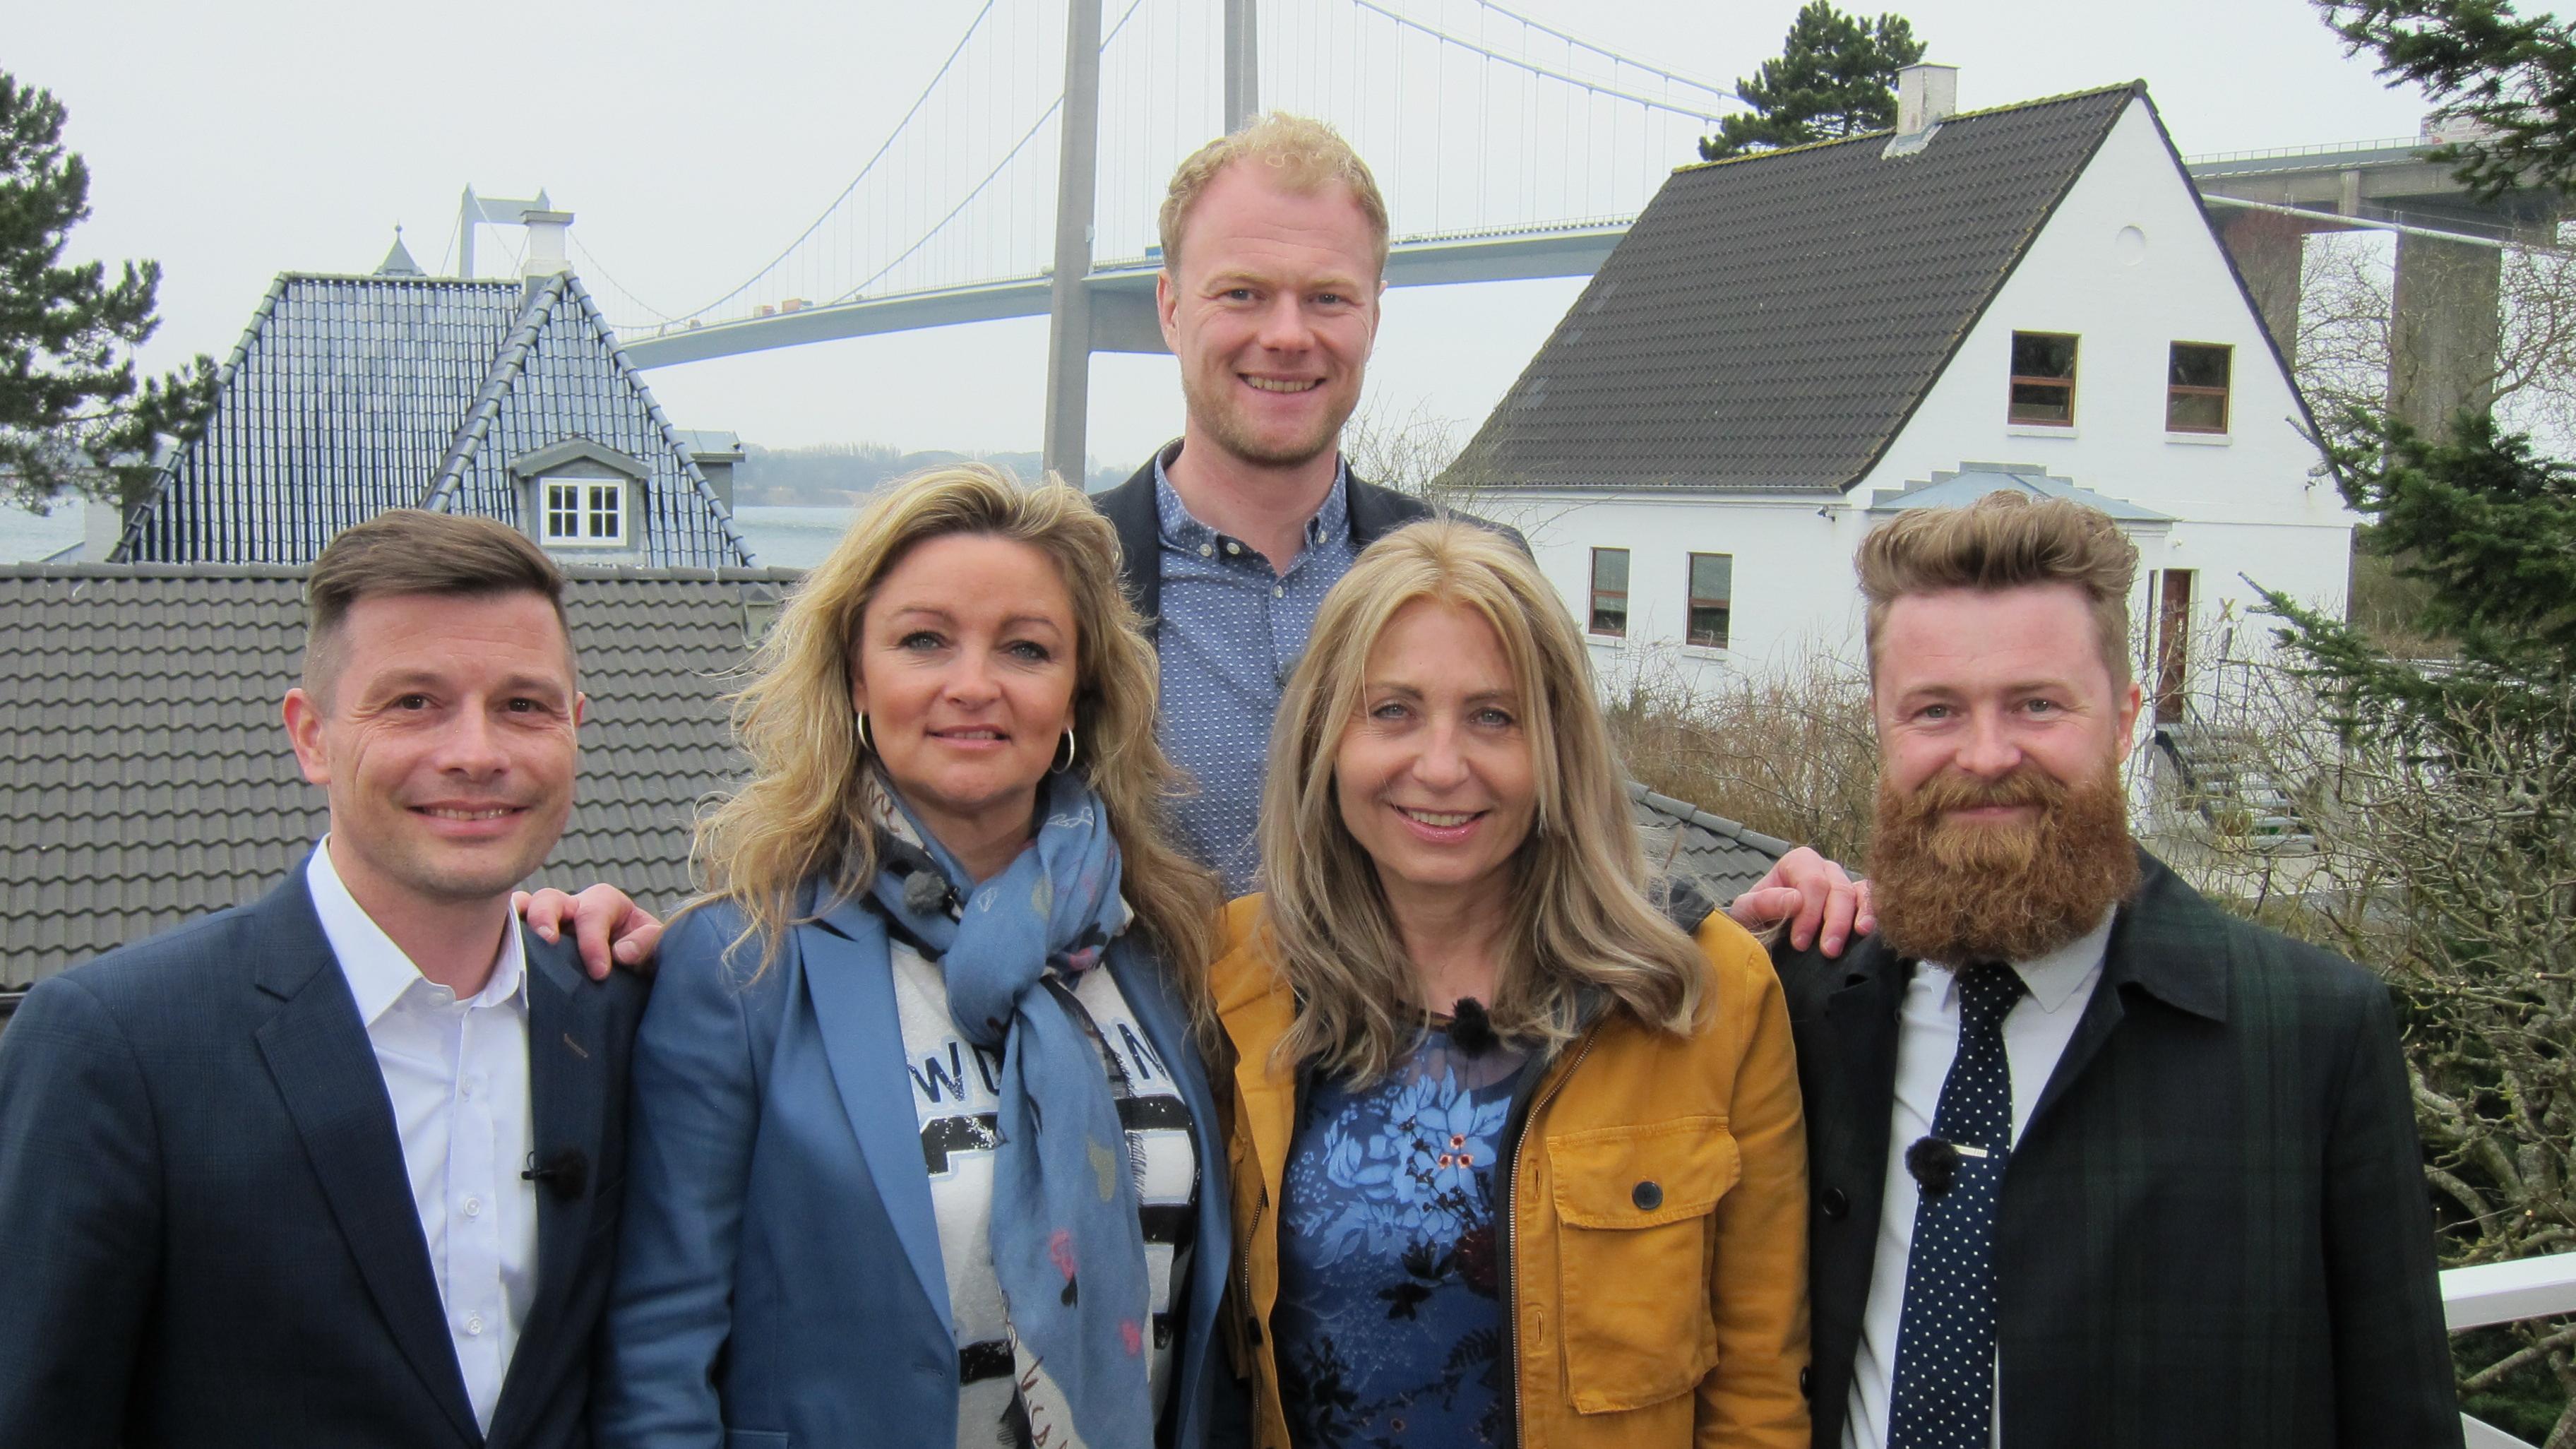 Hammerslag - Fyn i første række (3:10)